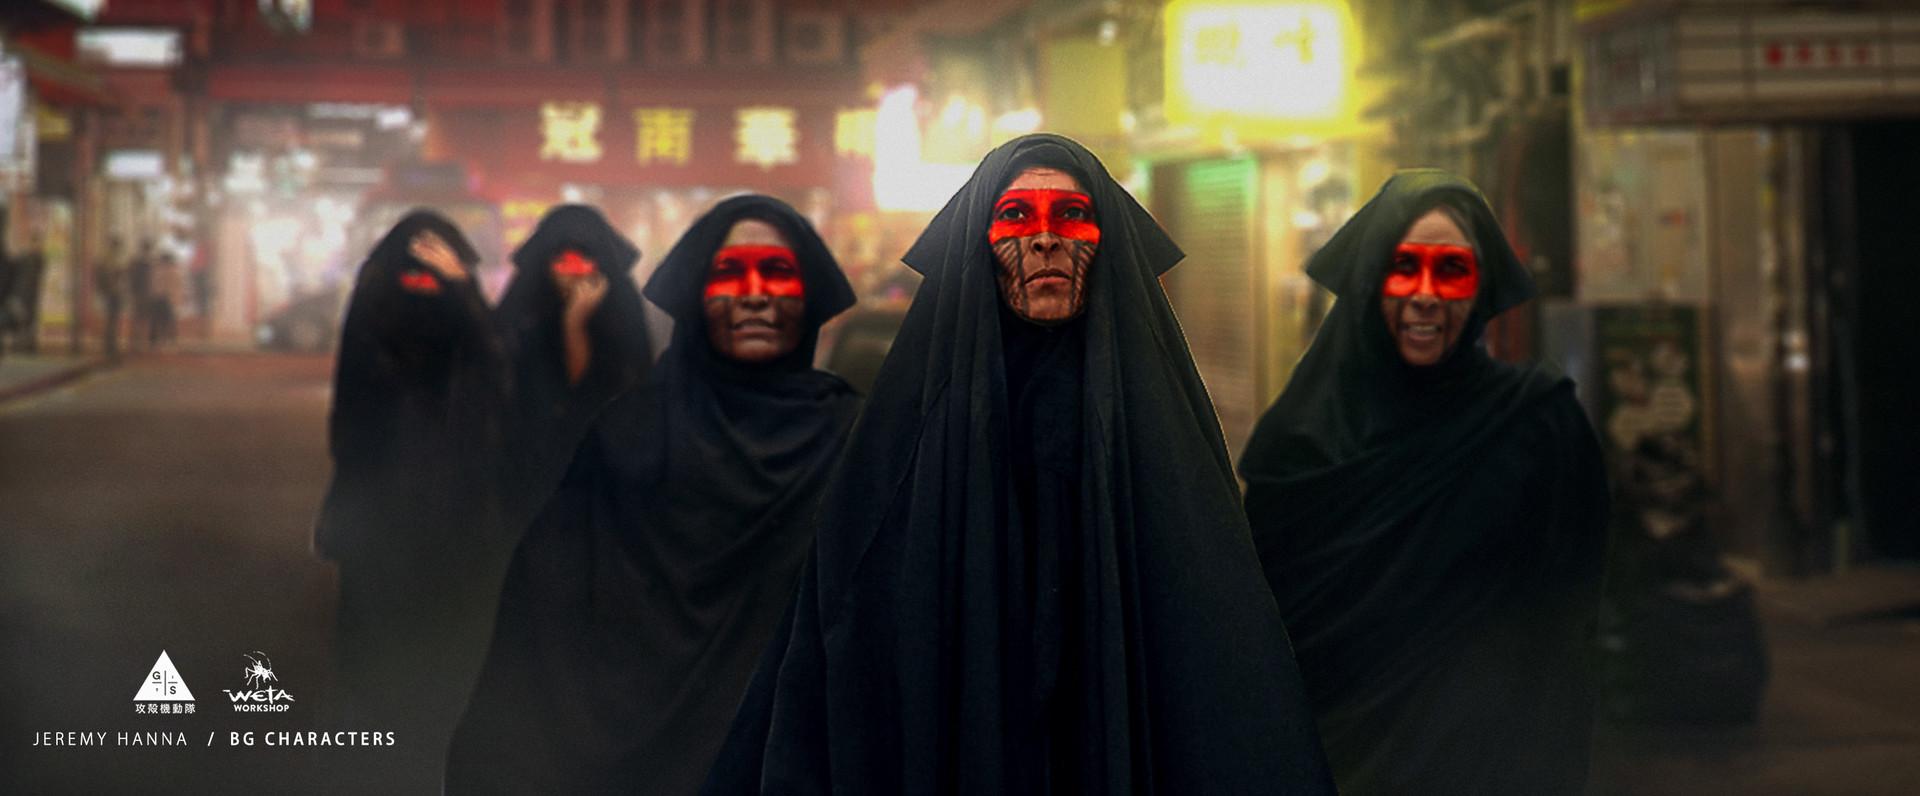 Weta workshop design studio bg characters red tribal stripe b jh repaint faces for book